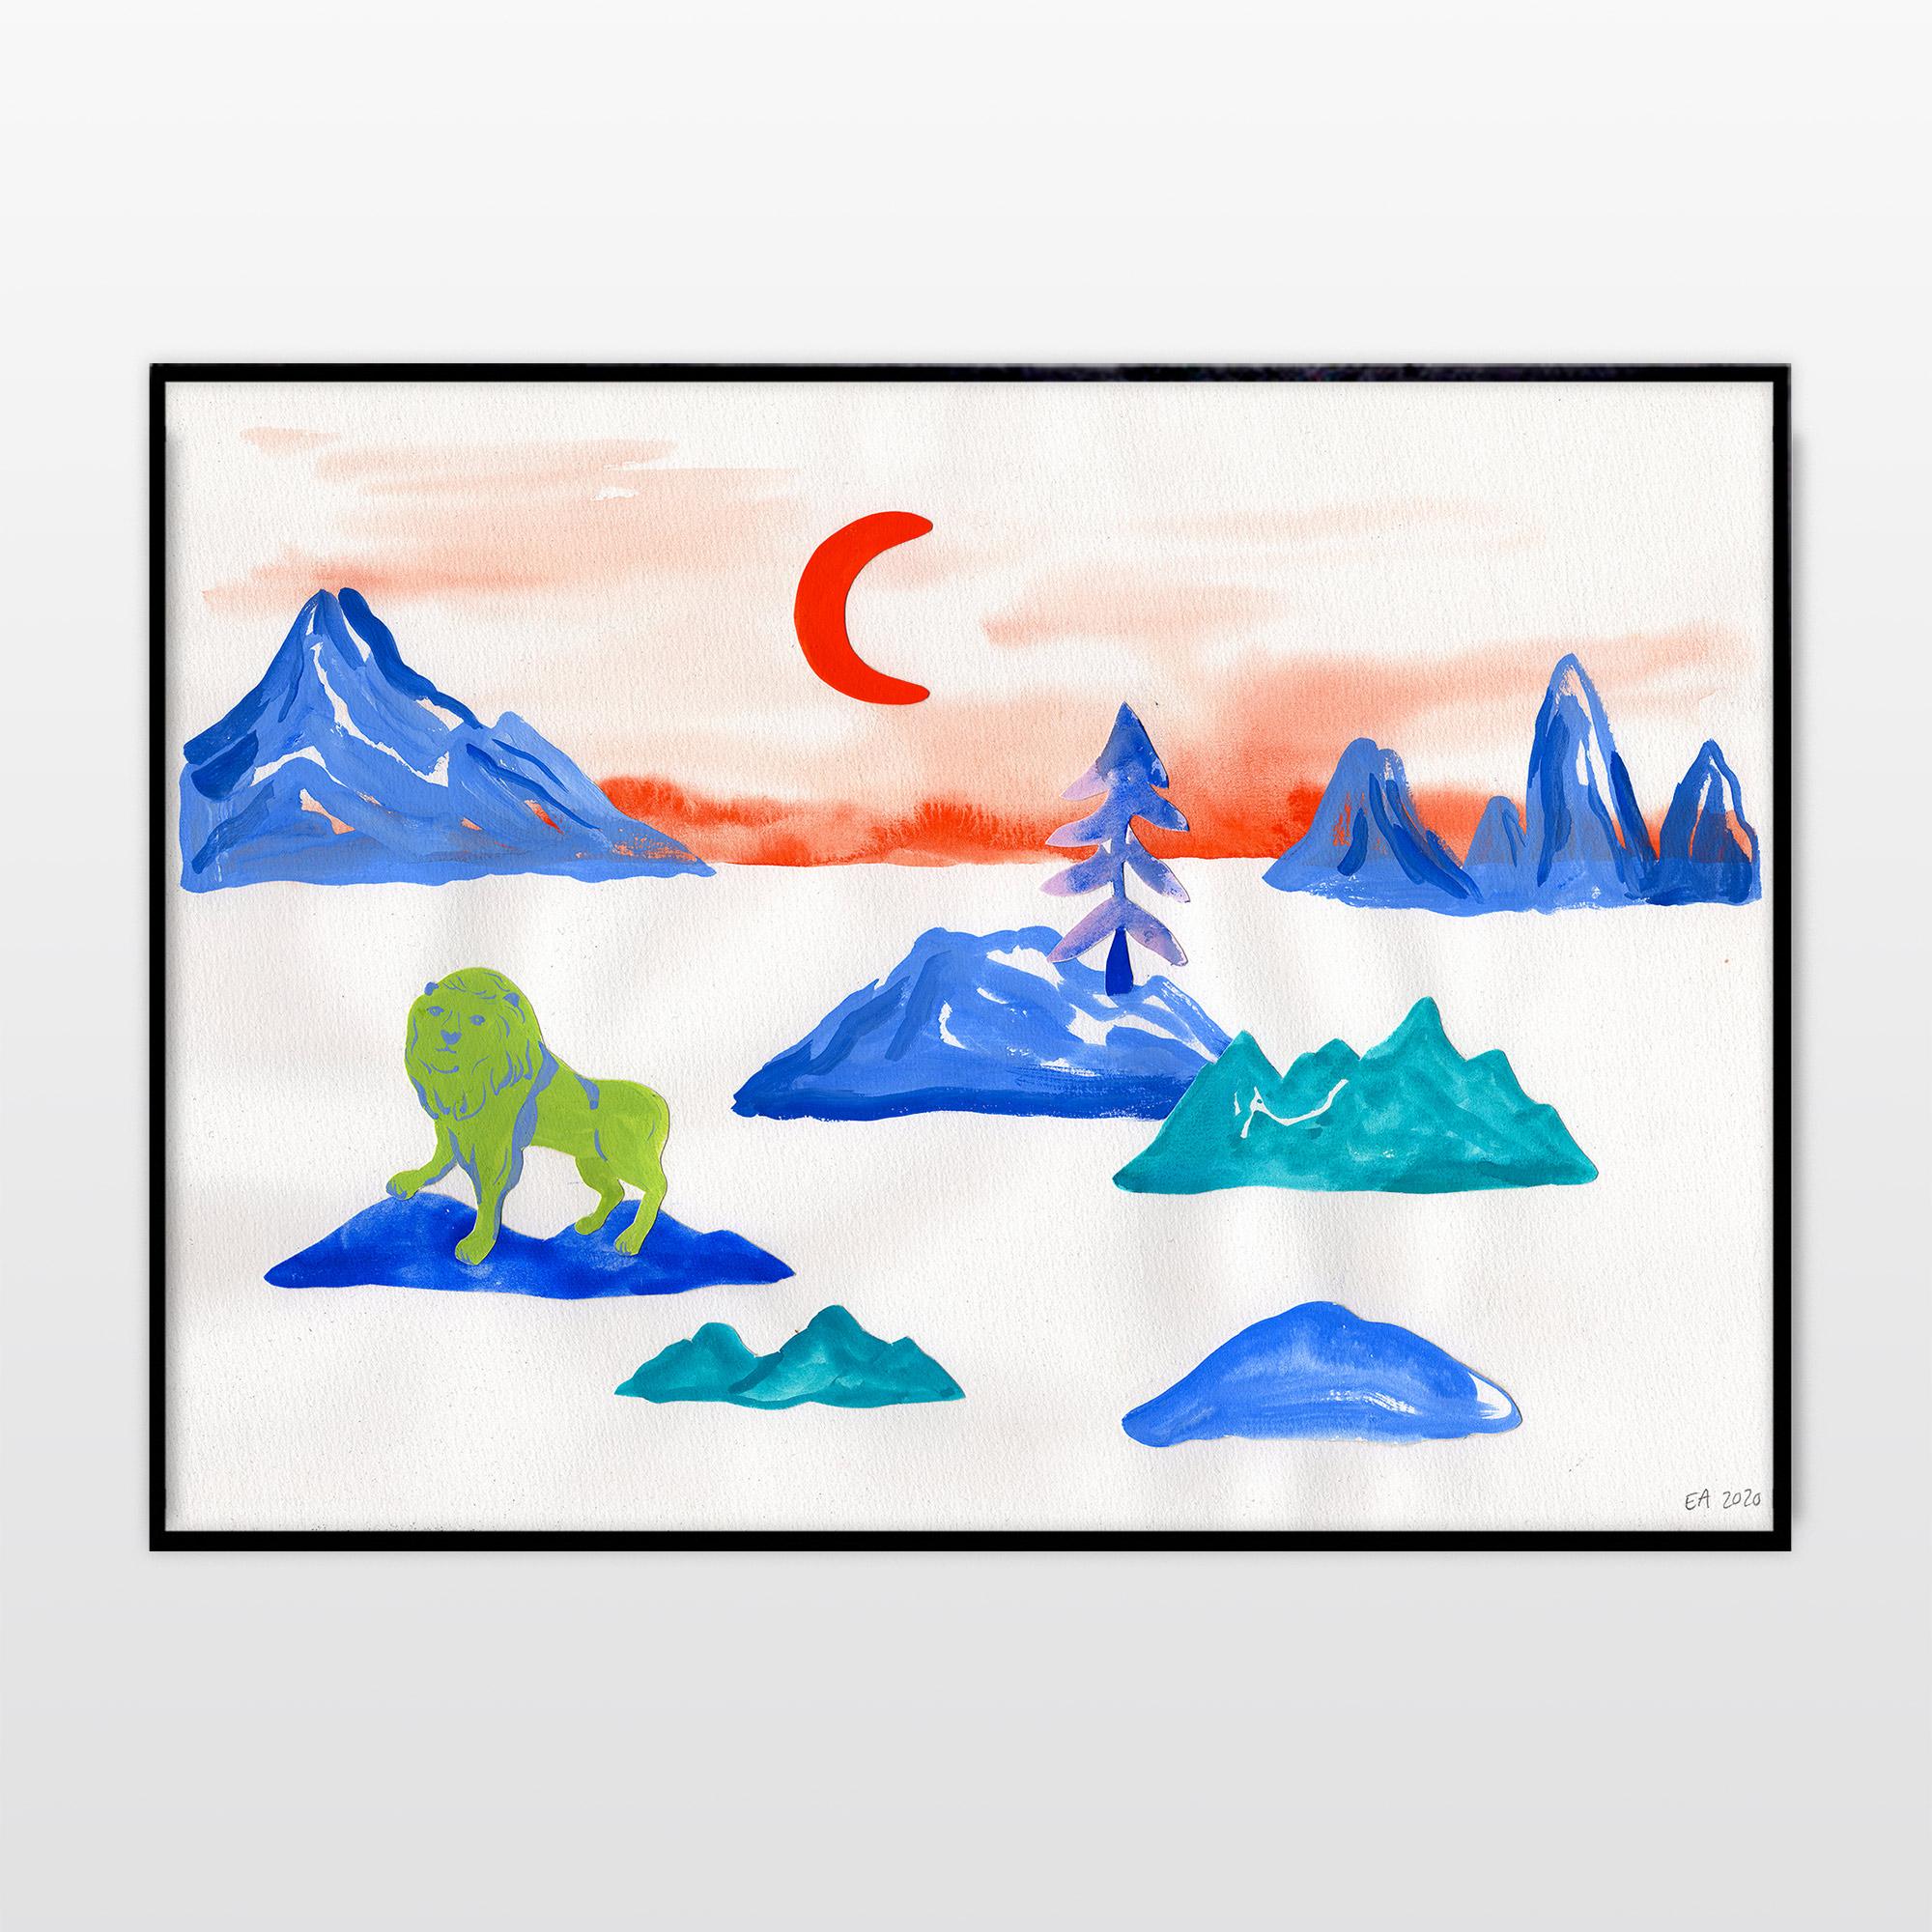 tegninger, akvarel-malerier, æstetiske, farverige, børnevenlige, figurative, grafiske, landskab, dyreliv, botanik, natur, vilde-dyr, blå, grønne, røde, blæk, papir, akvarel, atmosfære, smukke, samtidskunst, dansk, dekorative, design, interiør, bolig-indretning, moderne, moderne-kunst, bjerge, nordisk, plakater, flotte, skandinavisk, vand, Køb original kunst og kunstplakater. Malerier, tegninger, limited edition kunsttryk & plakater af dygtige kunstnere.